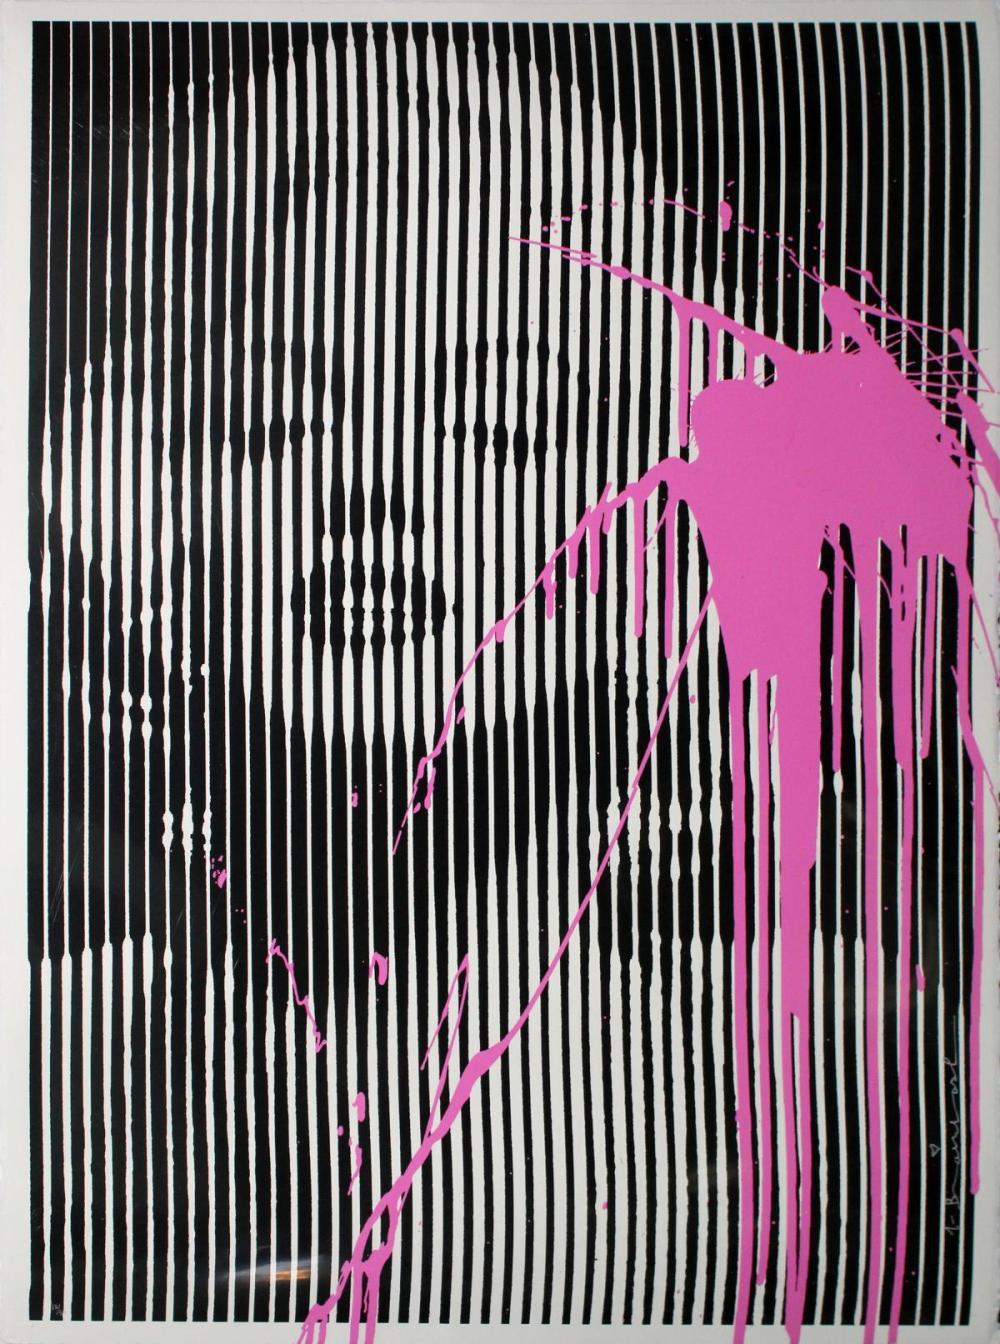 Marilyn Monroe by Mr Brainwash